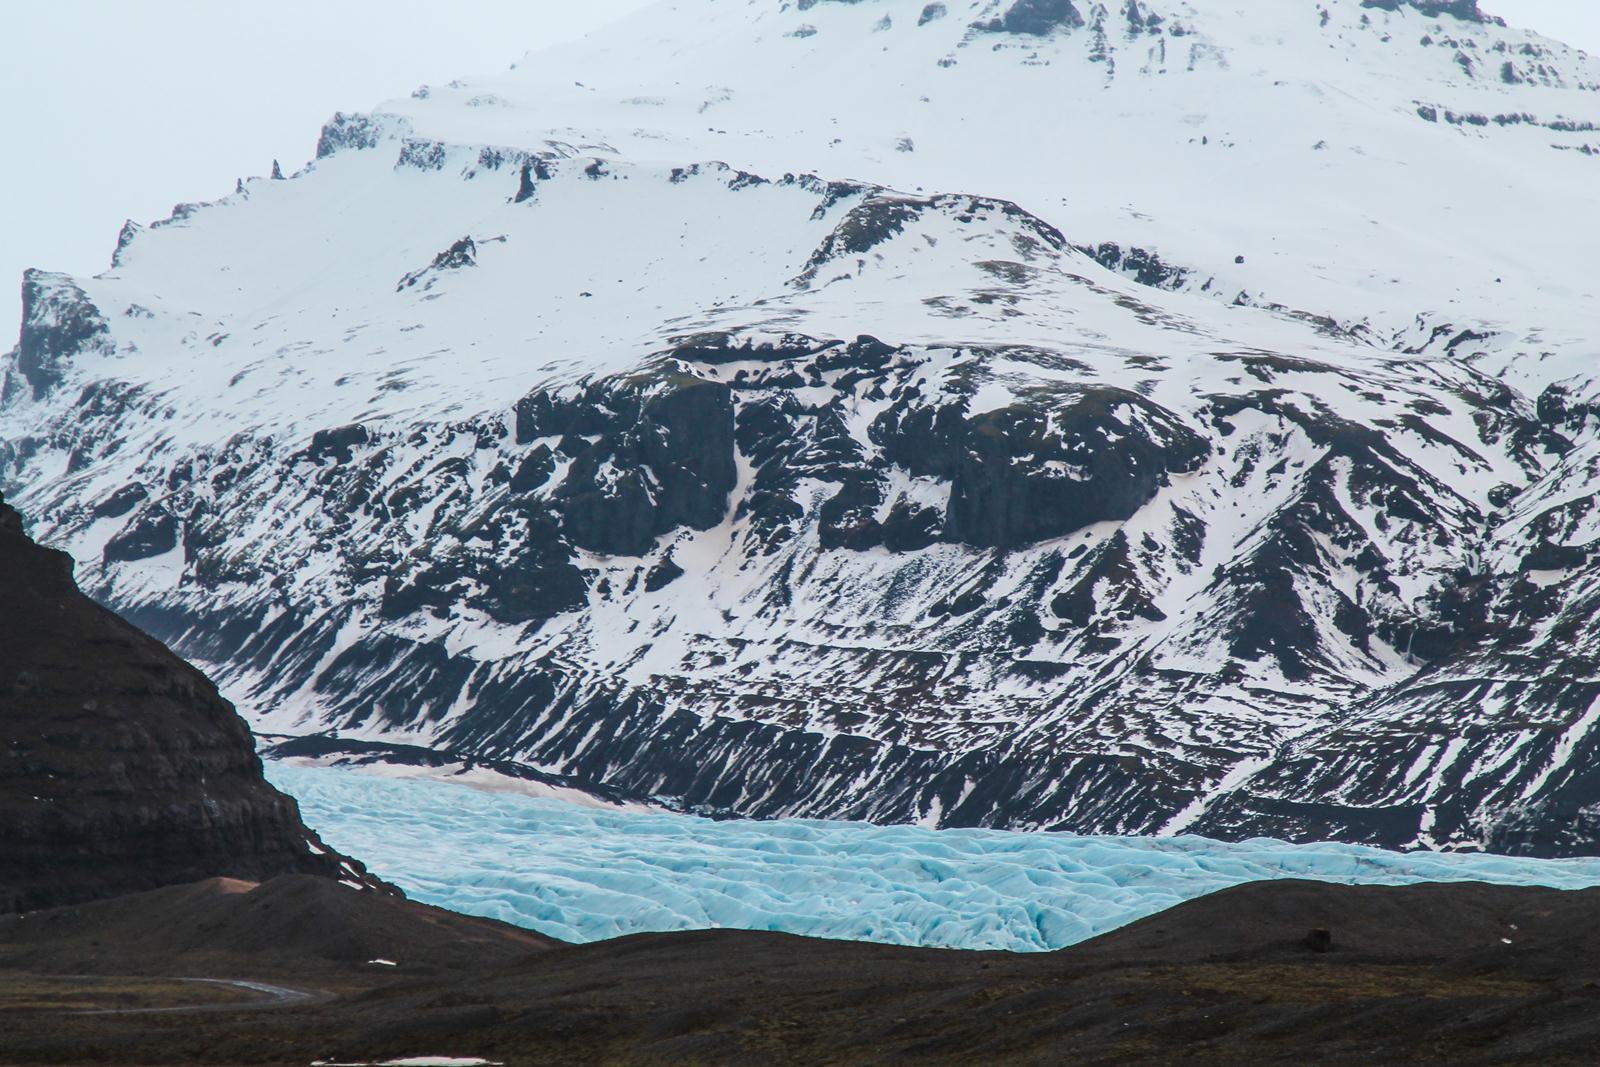 5 Course Meal at Hotel Laki and Jökulsárlón - The Iceberg Lagoon (2)